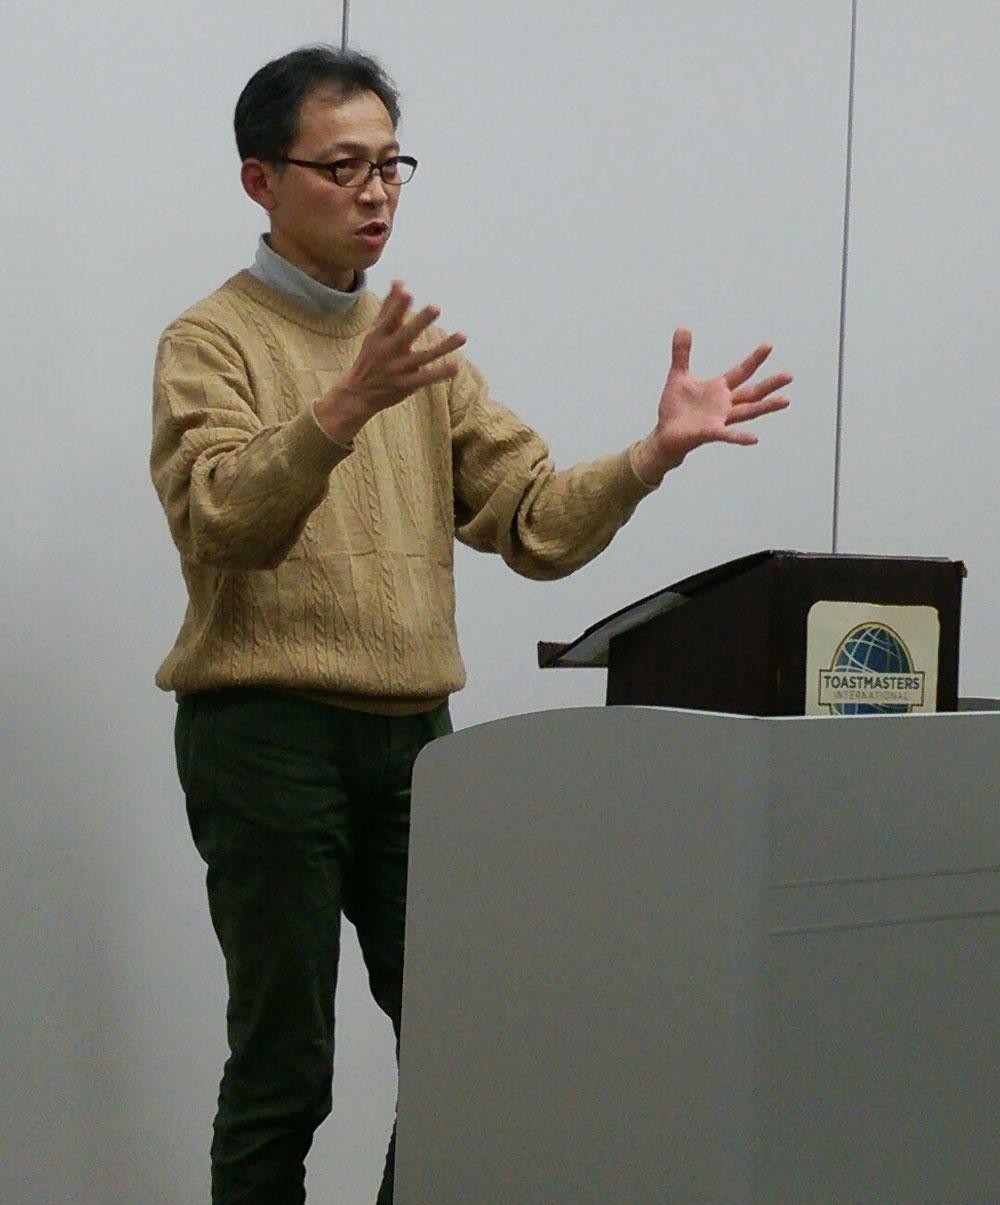 スピーチワークショップ講師のO原さん(桜坂TMC)